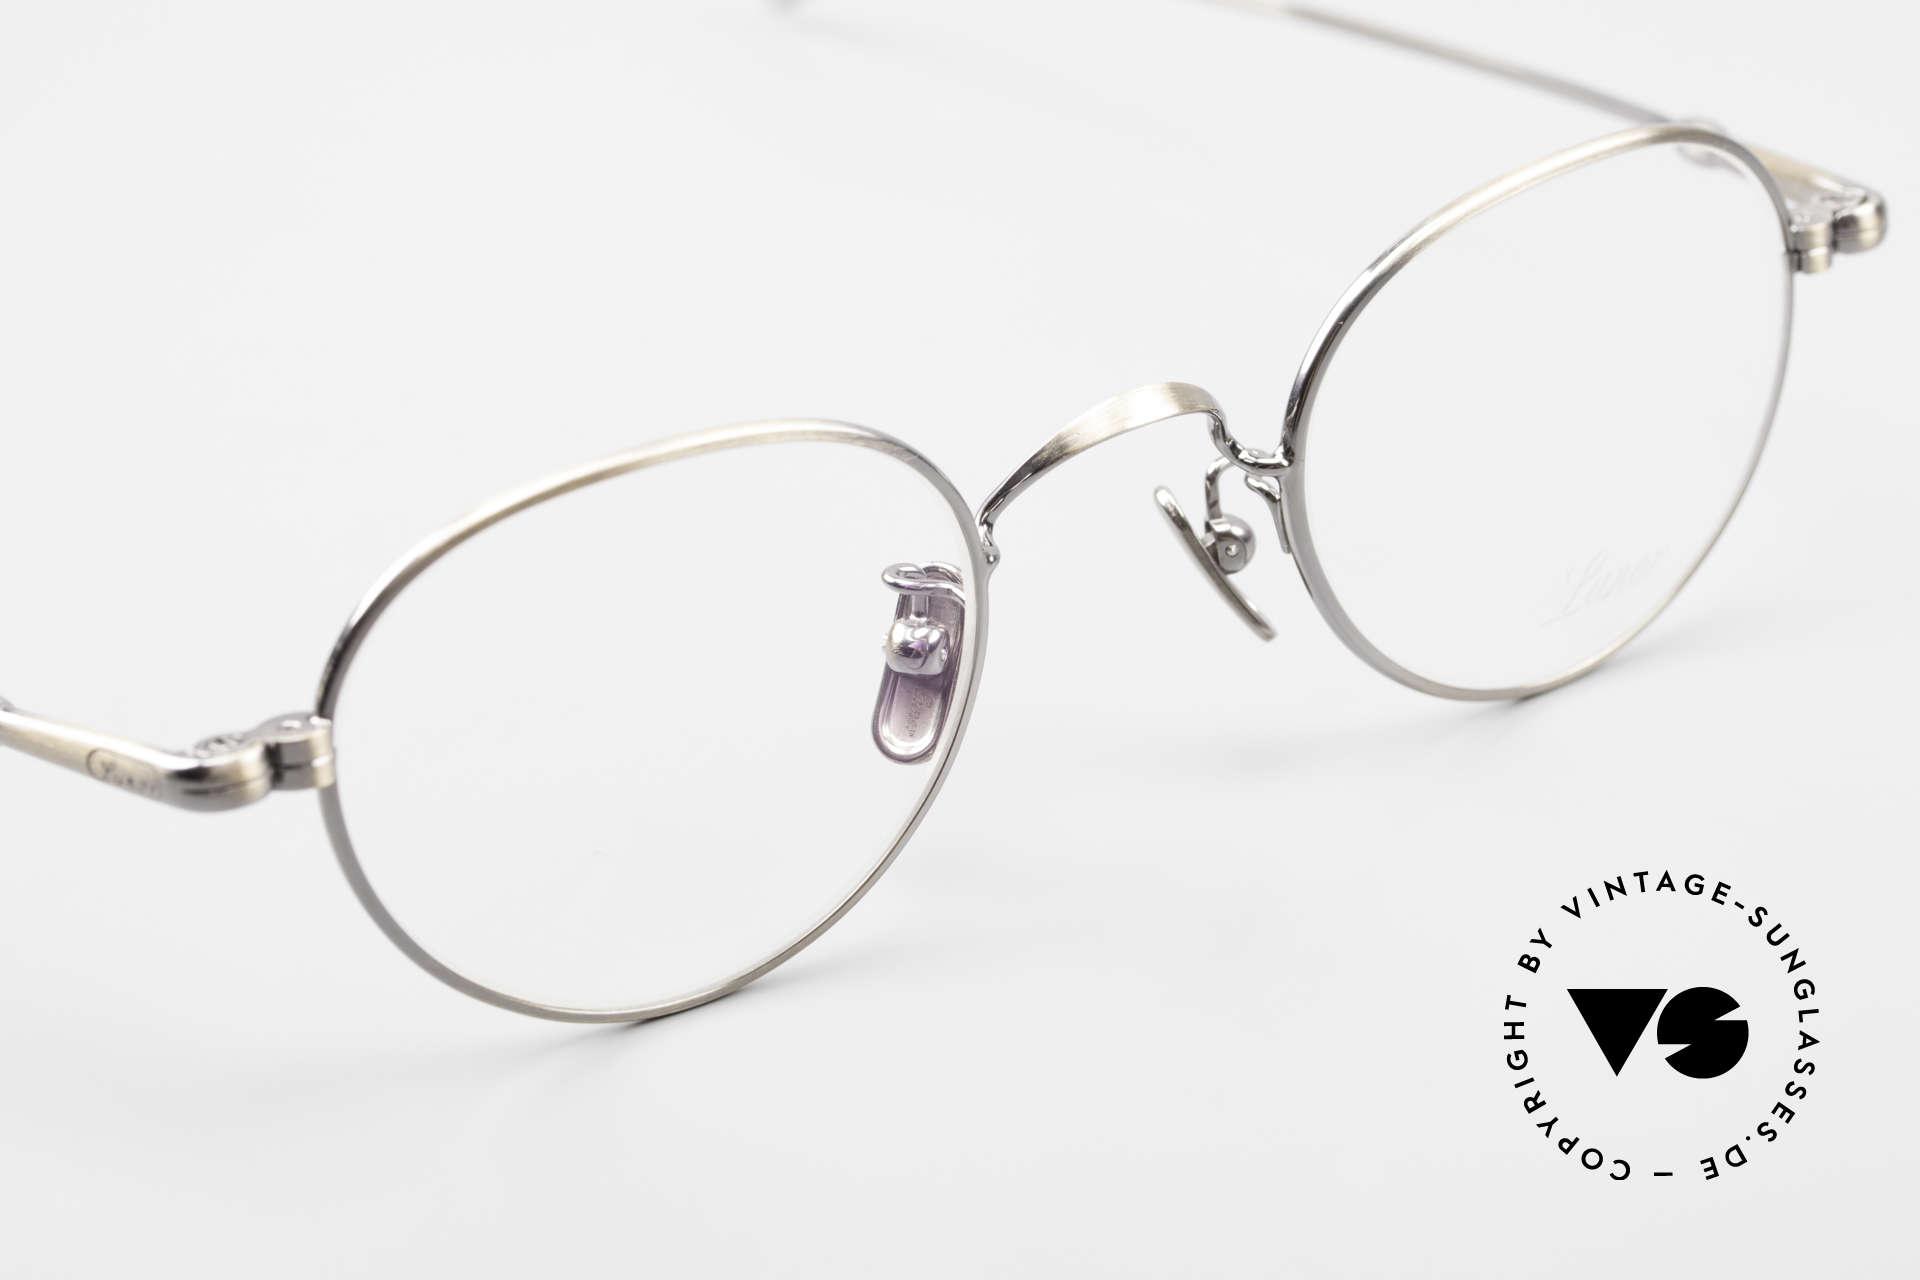 Lunor V 107 Runde Panto Brille Antik Gold, absolute Top-Qualität: Nasenpads aus reinem Titan, Passend für Herren und Damen